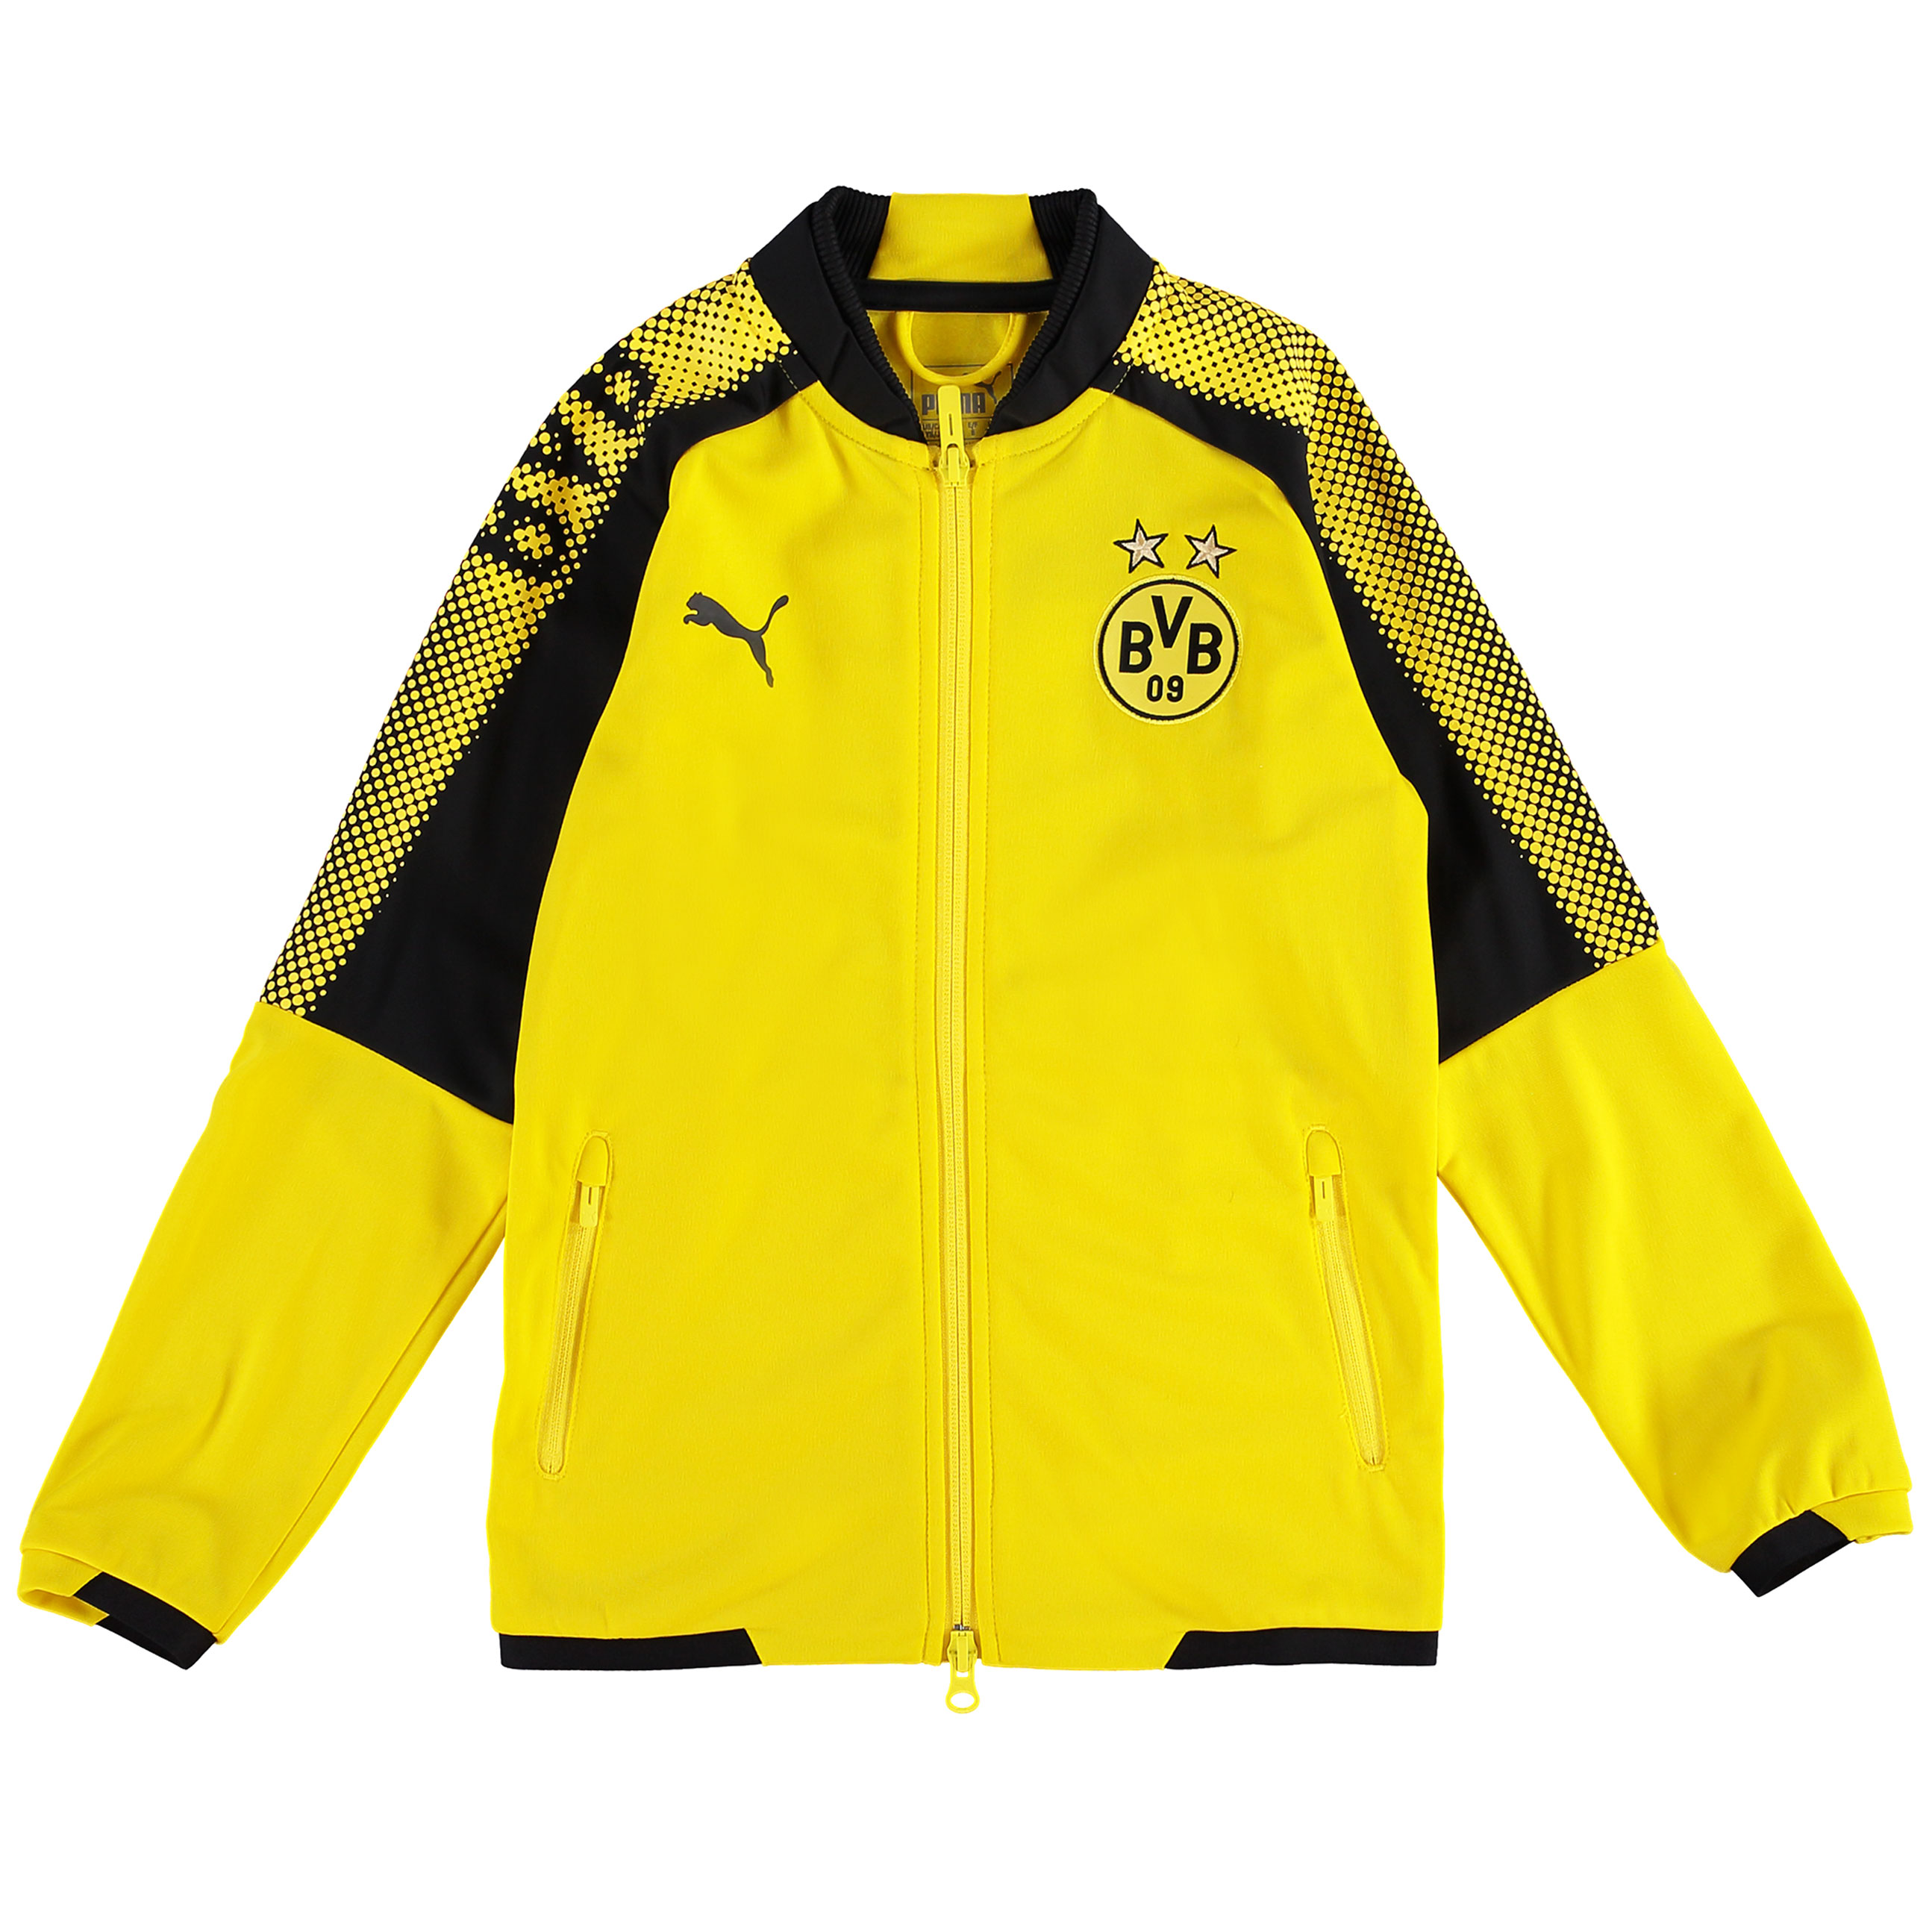 b5a0e05f3 Futbalové kluby (všetky)   Puma Borussia Dortmund BVB 09 bunda ...